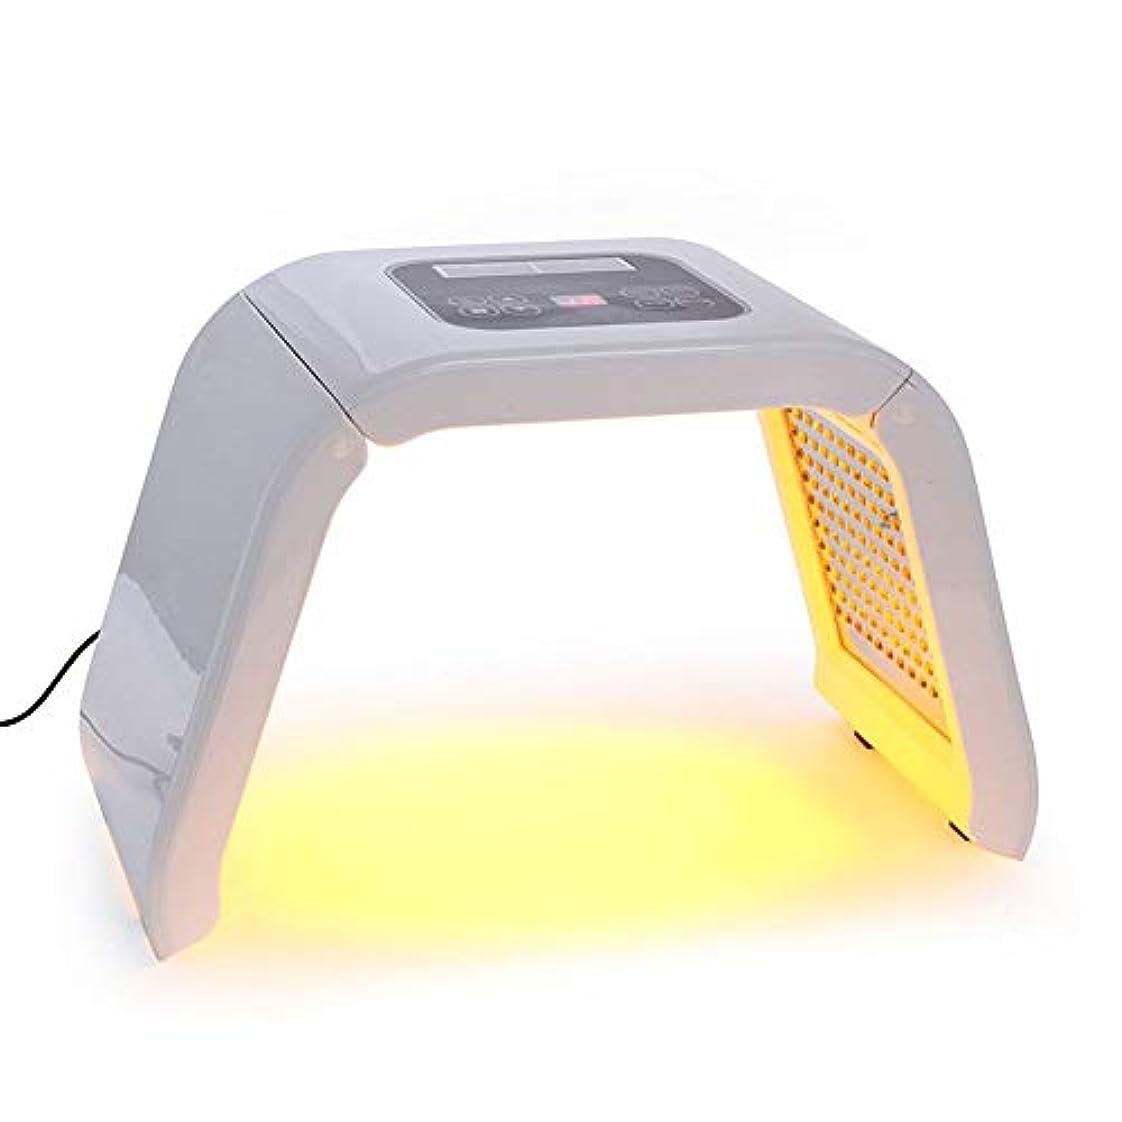 実り多い旅客エスニックZYL-YL 美顔器 光エステ フォト マスク PDTスペクトラム美容機器 にきび肌管理 LED分光マシン